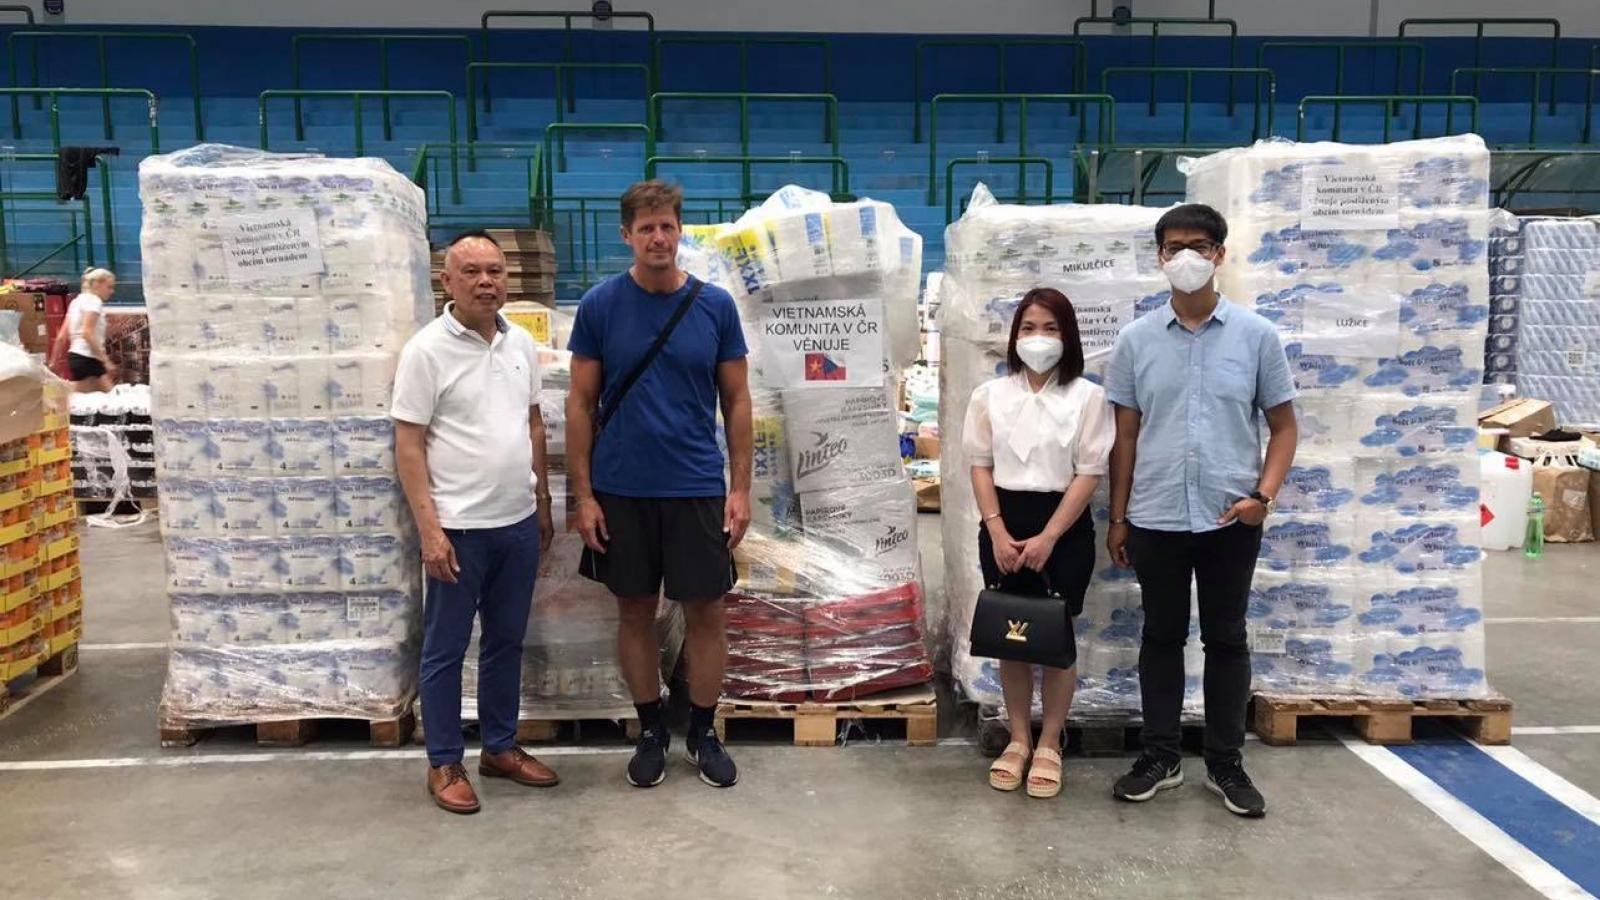 Cộng đồng người Việt tại Séc chung tay hỗ trợ người dân gặp khó khăn tại Nam Morava